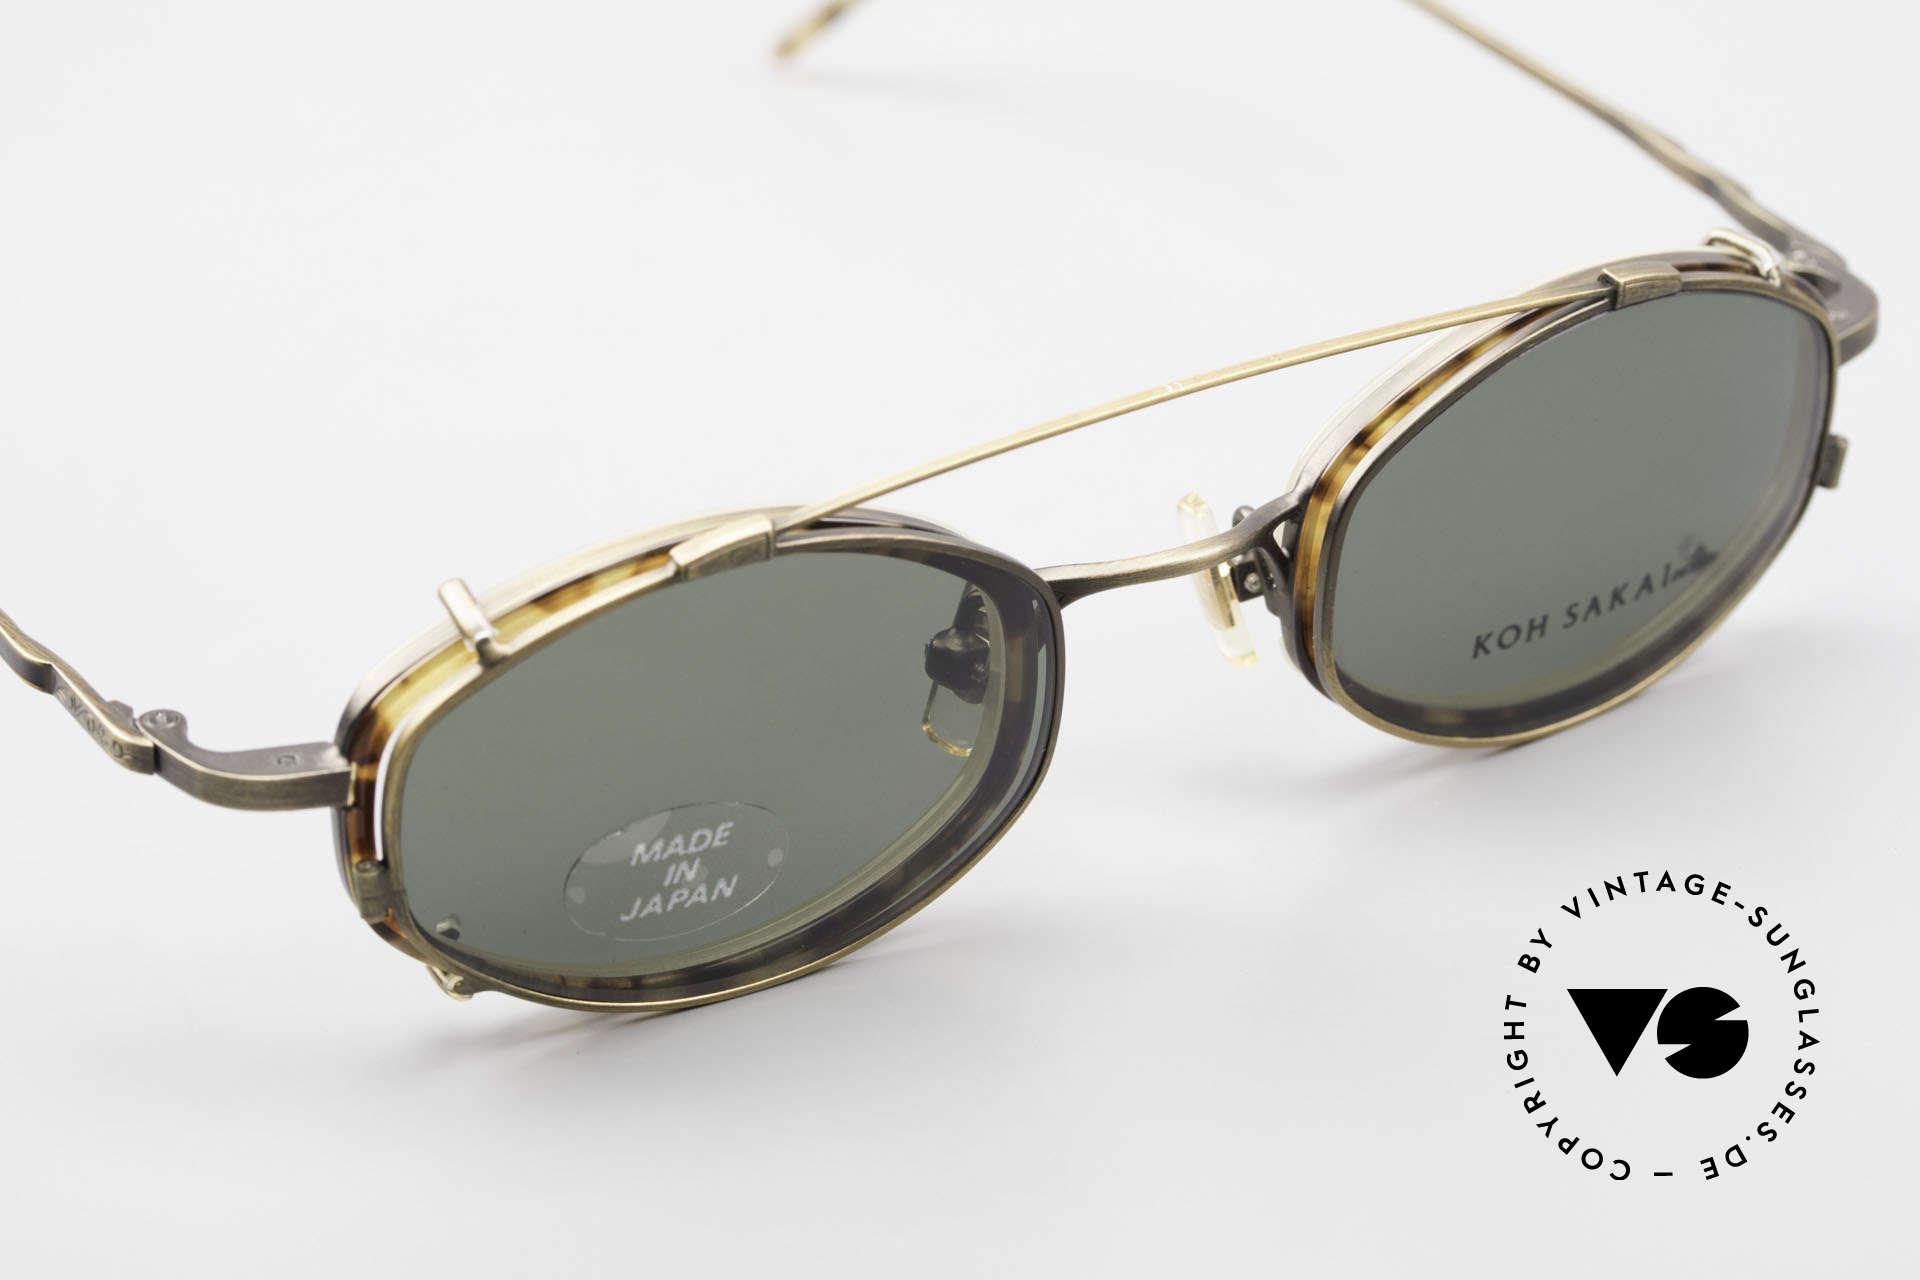 Koh Sakai KS9836 Titanium Brille mit Sonnen-Clip, gesamte Fassung mit aufwändigen kleinen Gravuren!, Passend für Herren und Damen